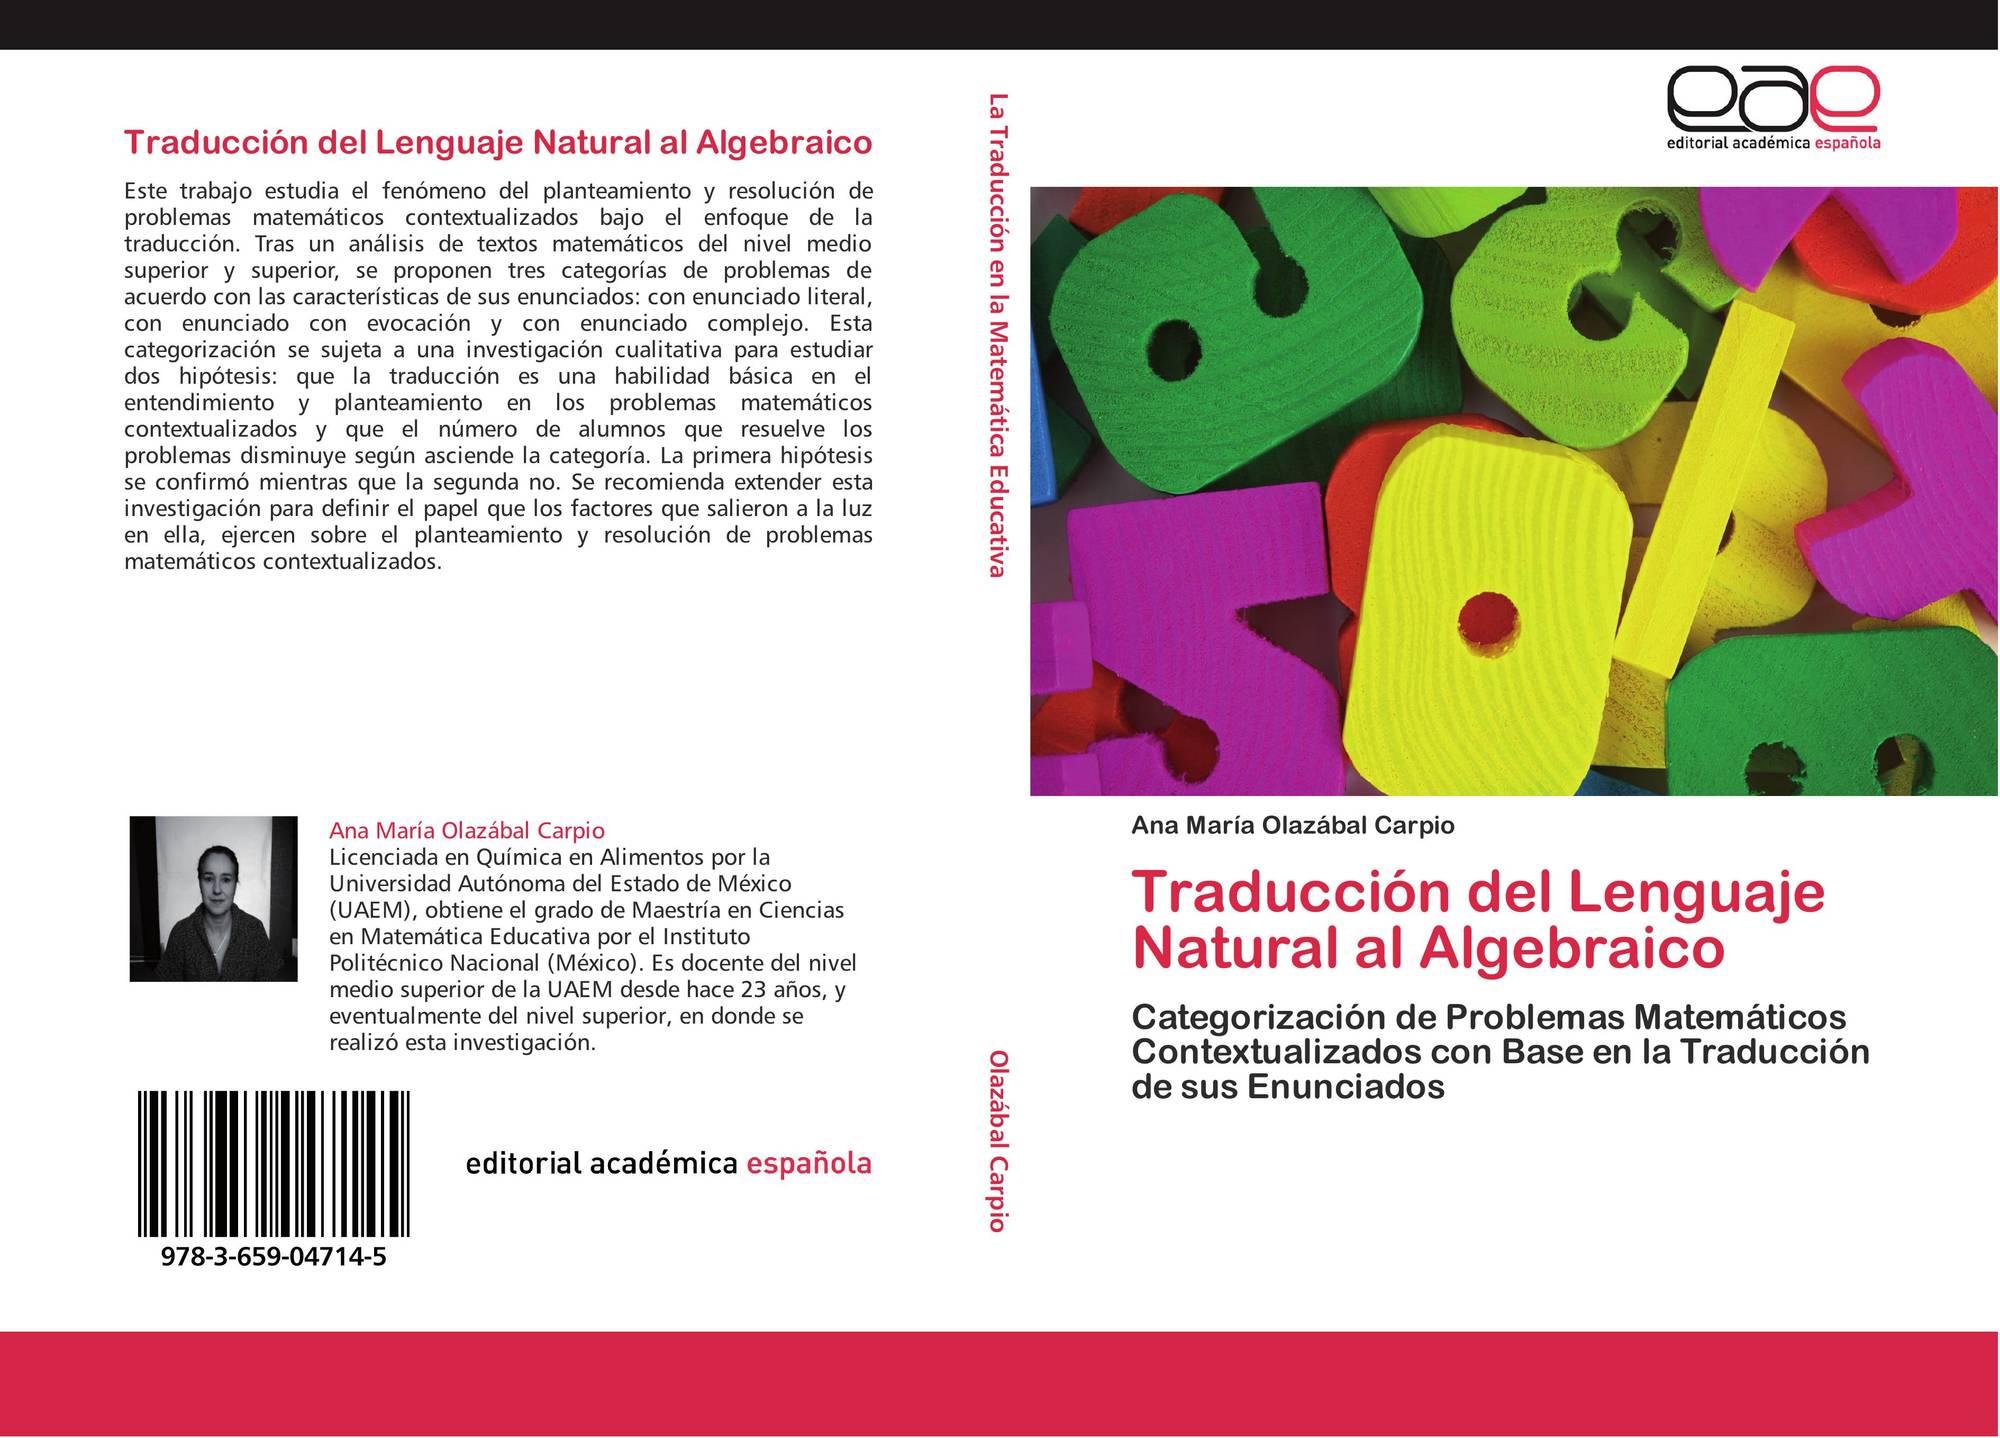 Traduccion Del Lenguaje Natural Al Algebraico 978 3 659 04714 5 3659047147 9783659047145 Por Ana Maria Olazabal Carpio